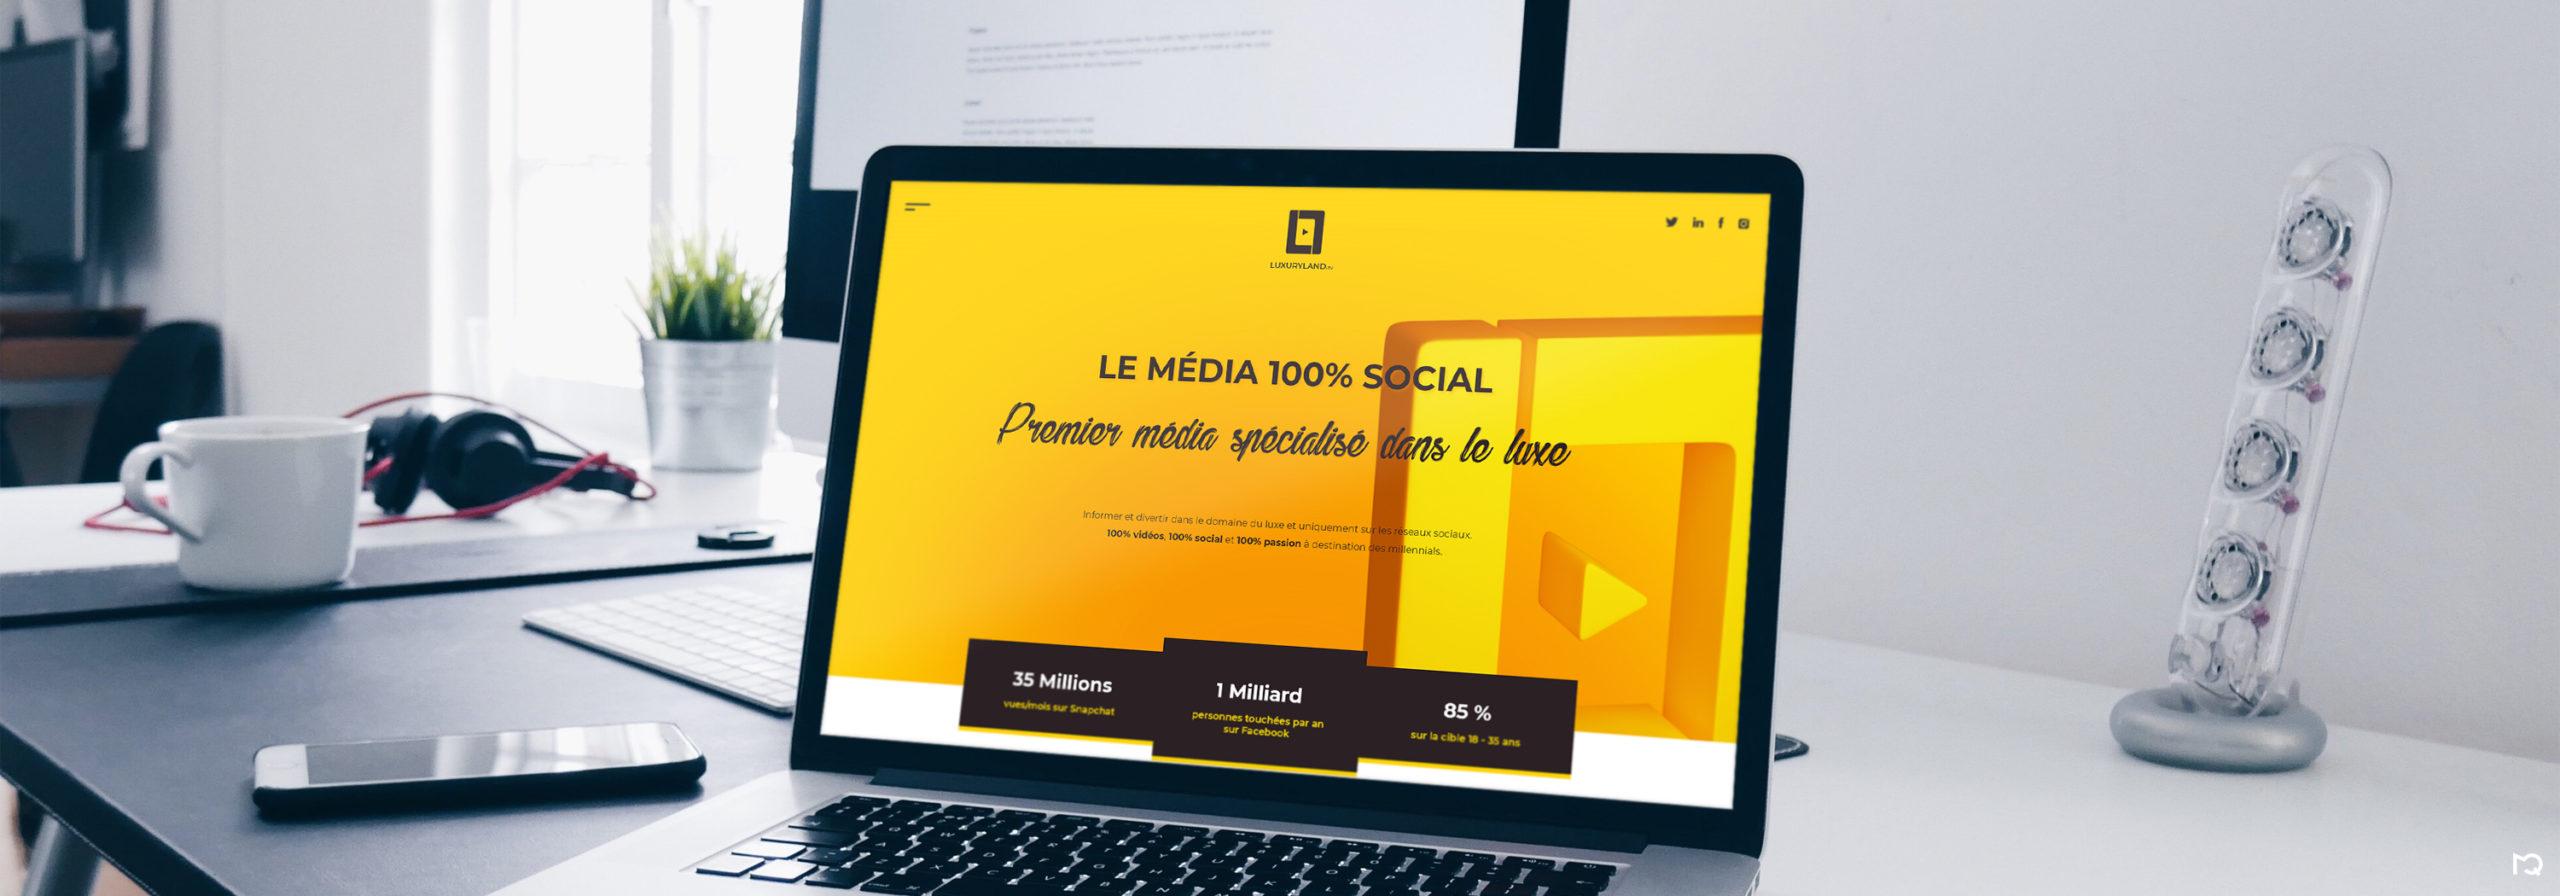 Maquette page d'accueil LuxuryLand.tv sur ordinateur